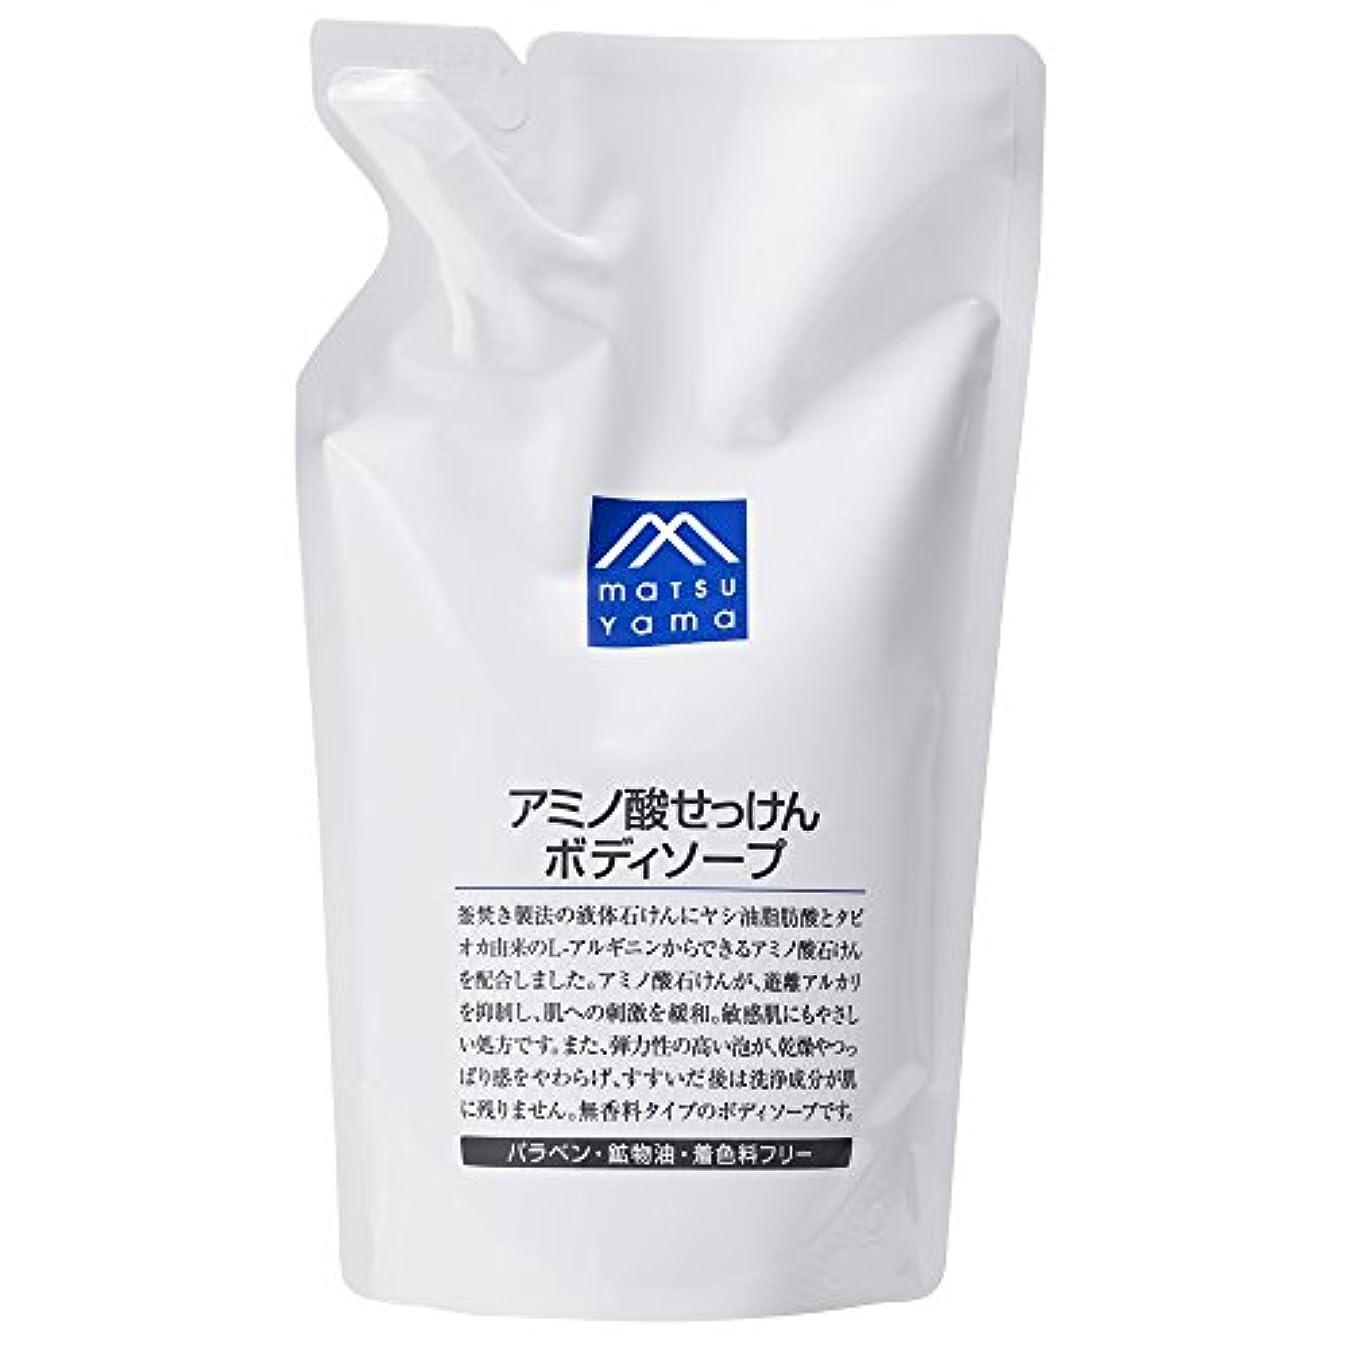 溶けるモード研究M-mark アミノ酸せっけんボディソープ 詰替用